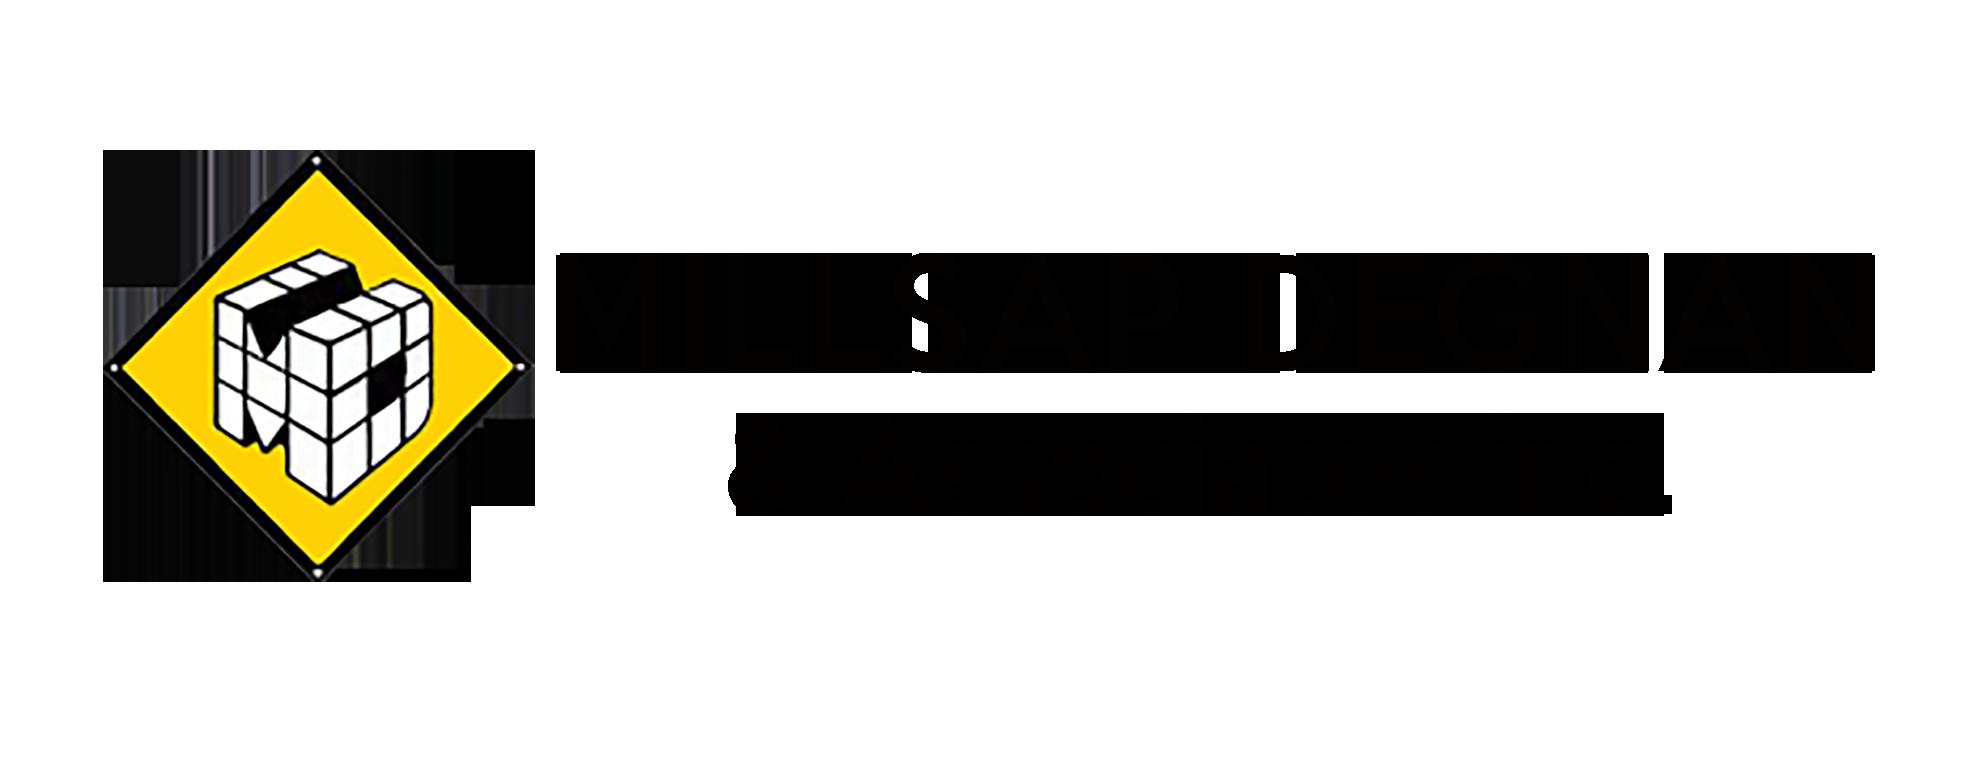 Millsap degnan